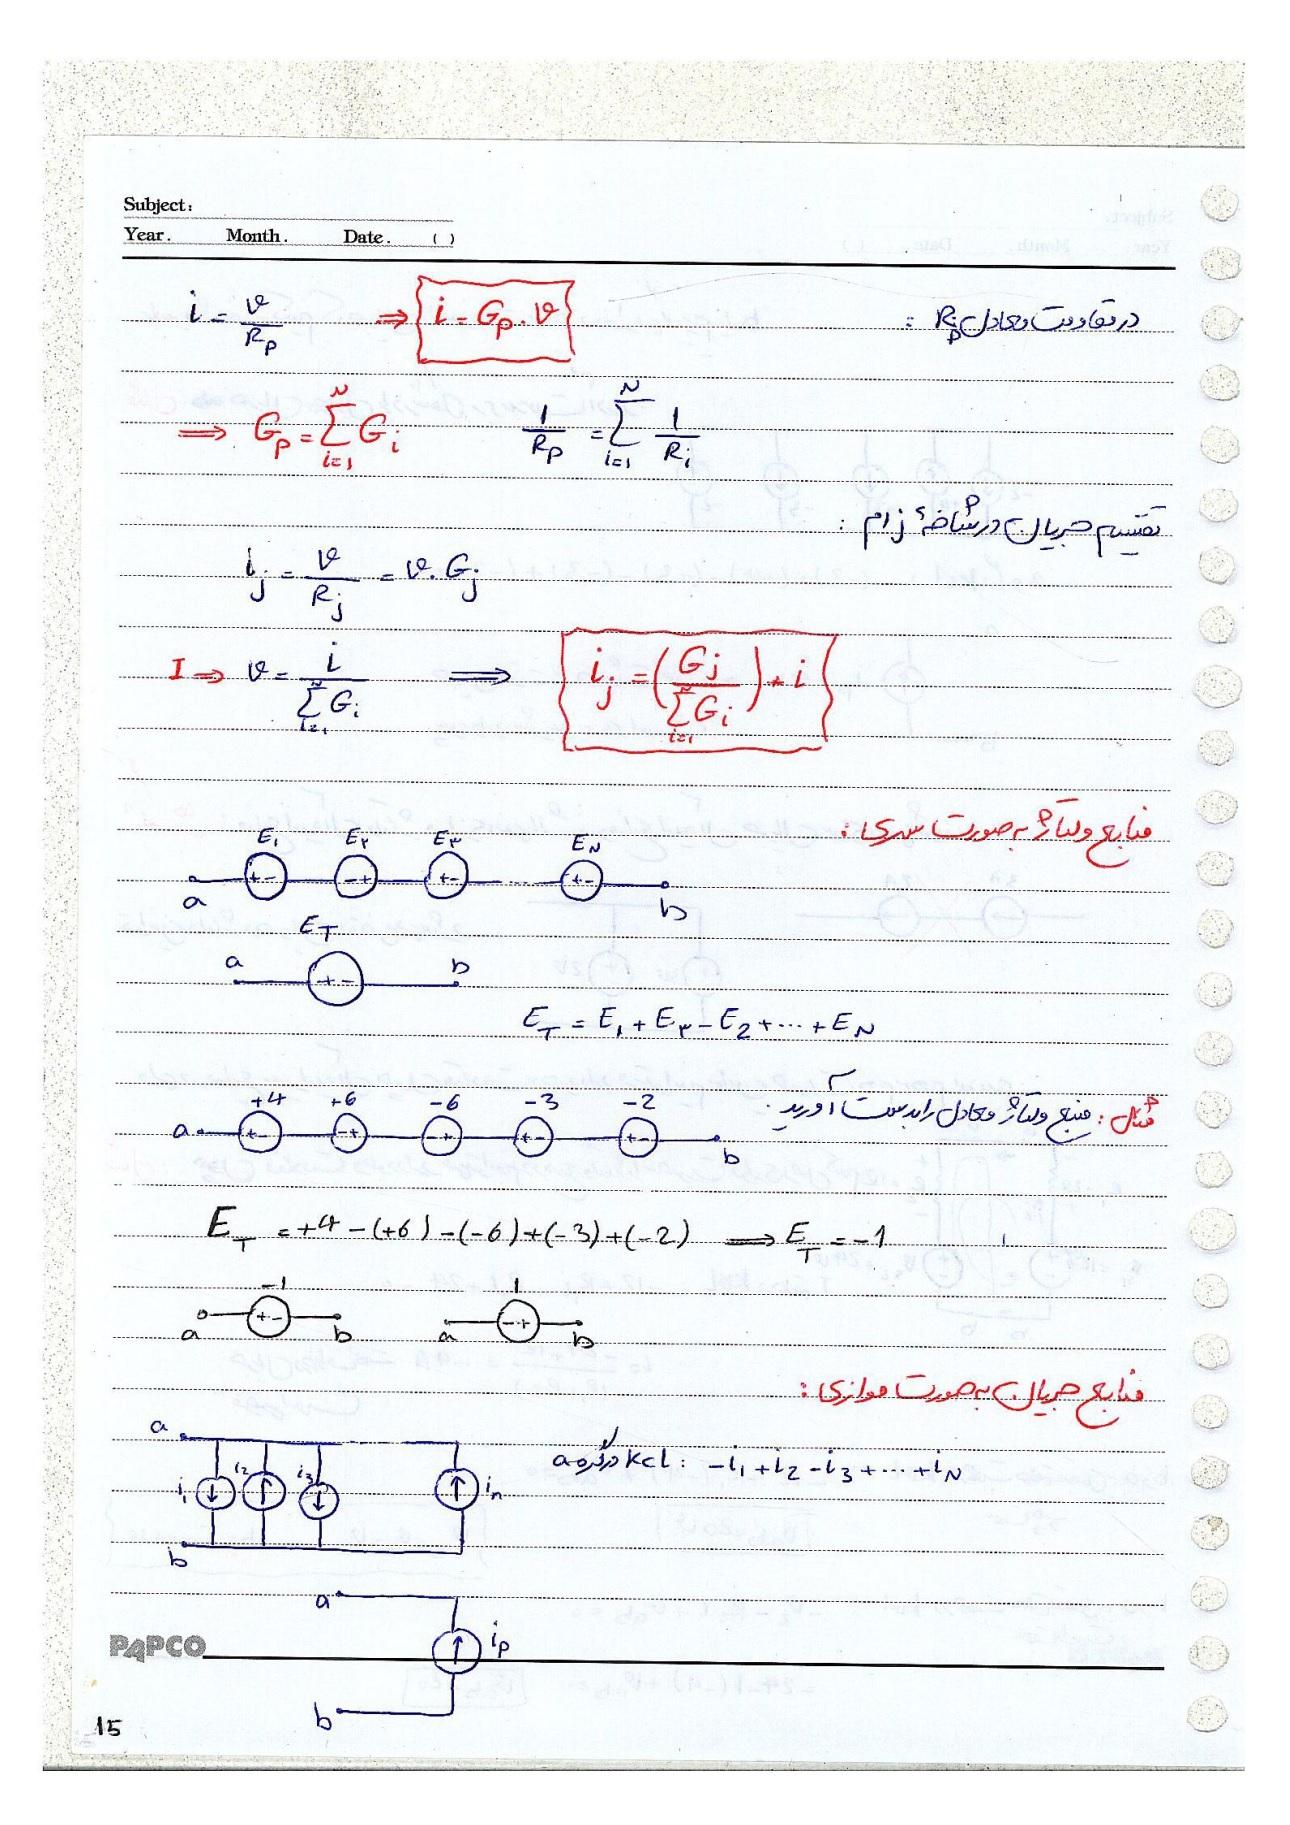 جزوه مدار الکتریکی 1- دکتر عابدی